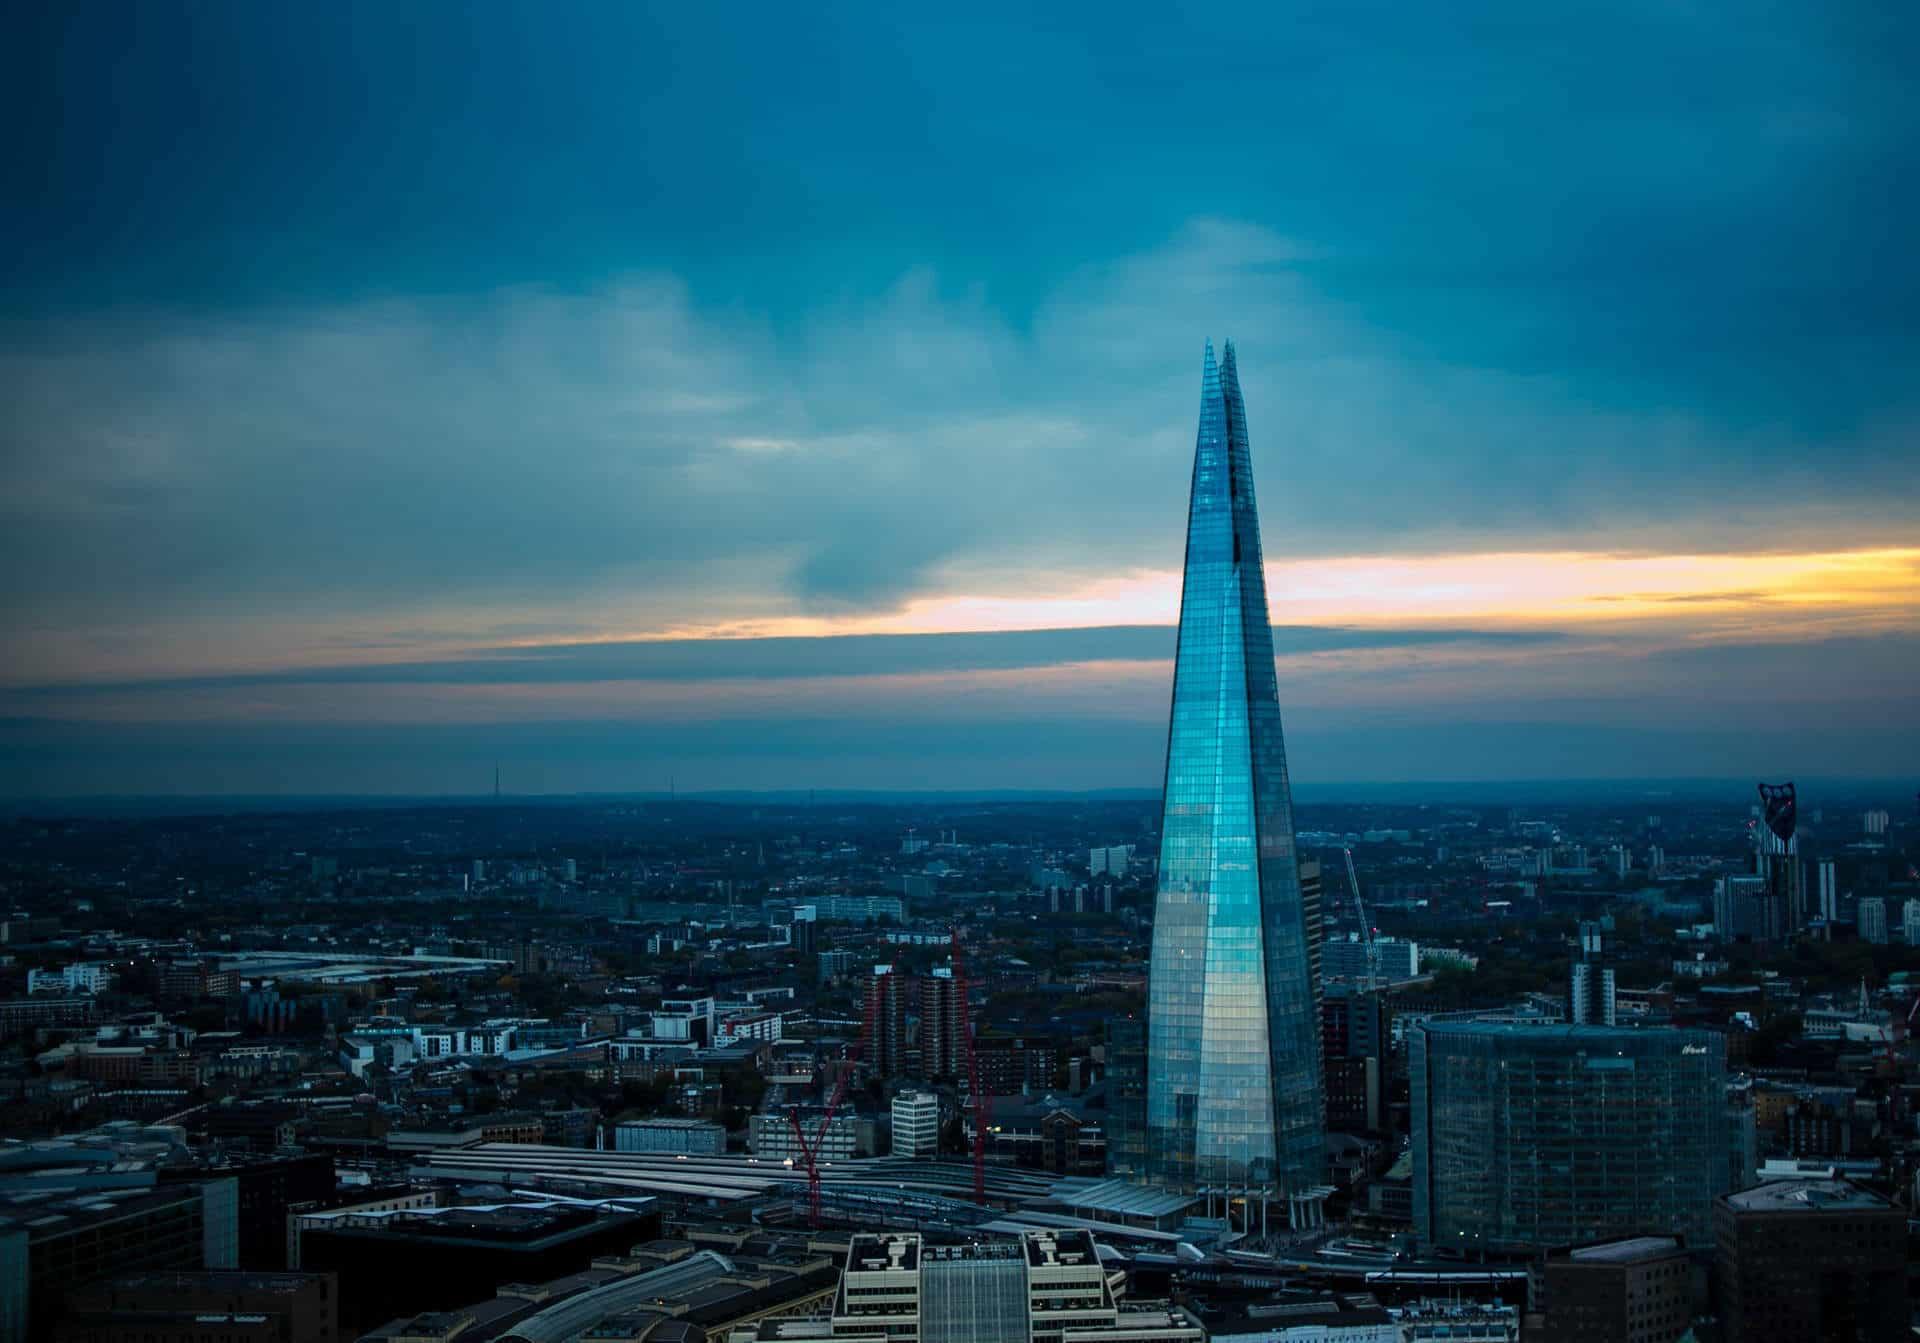 london-skyline-shard